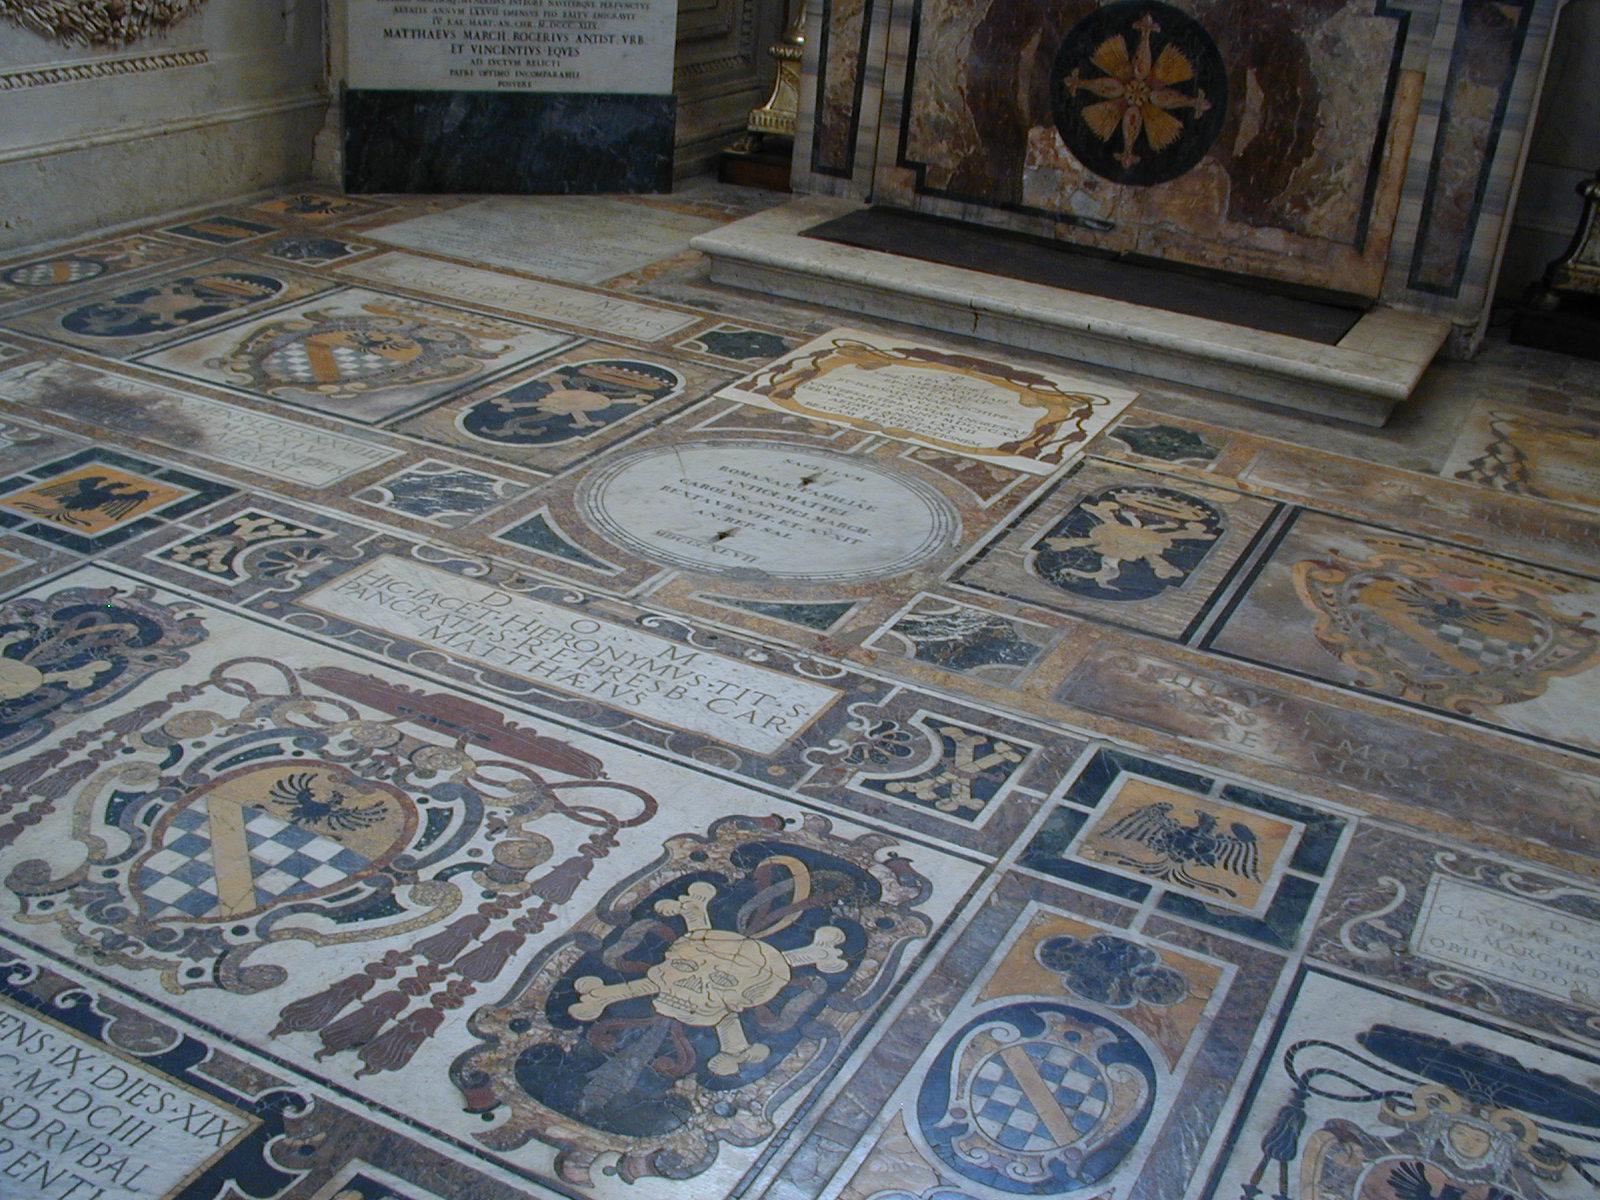 Rome, Italy, Santa Maria in Aracoeli floor design